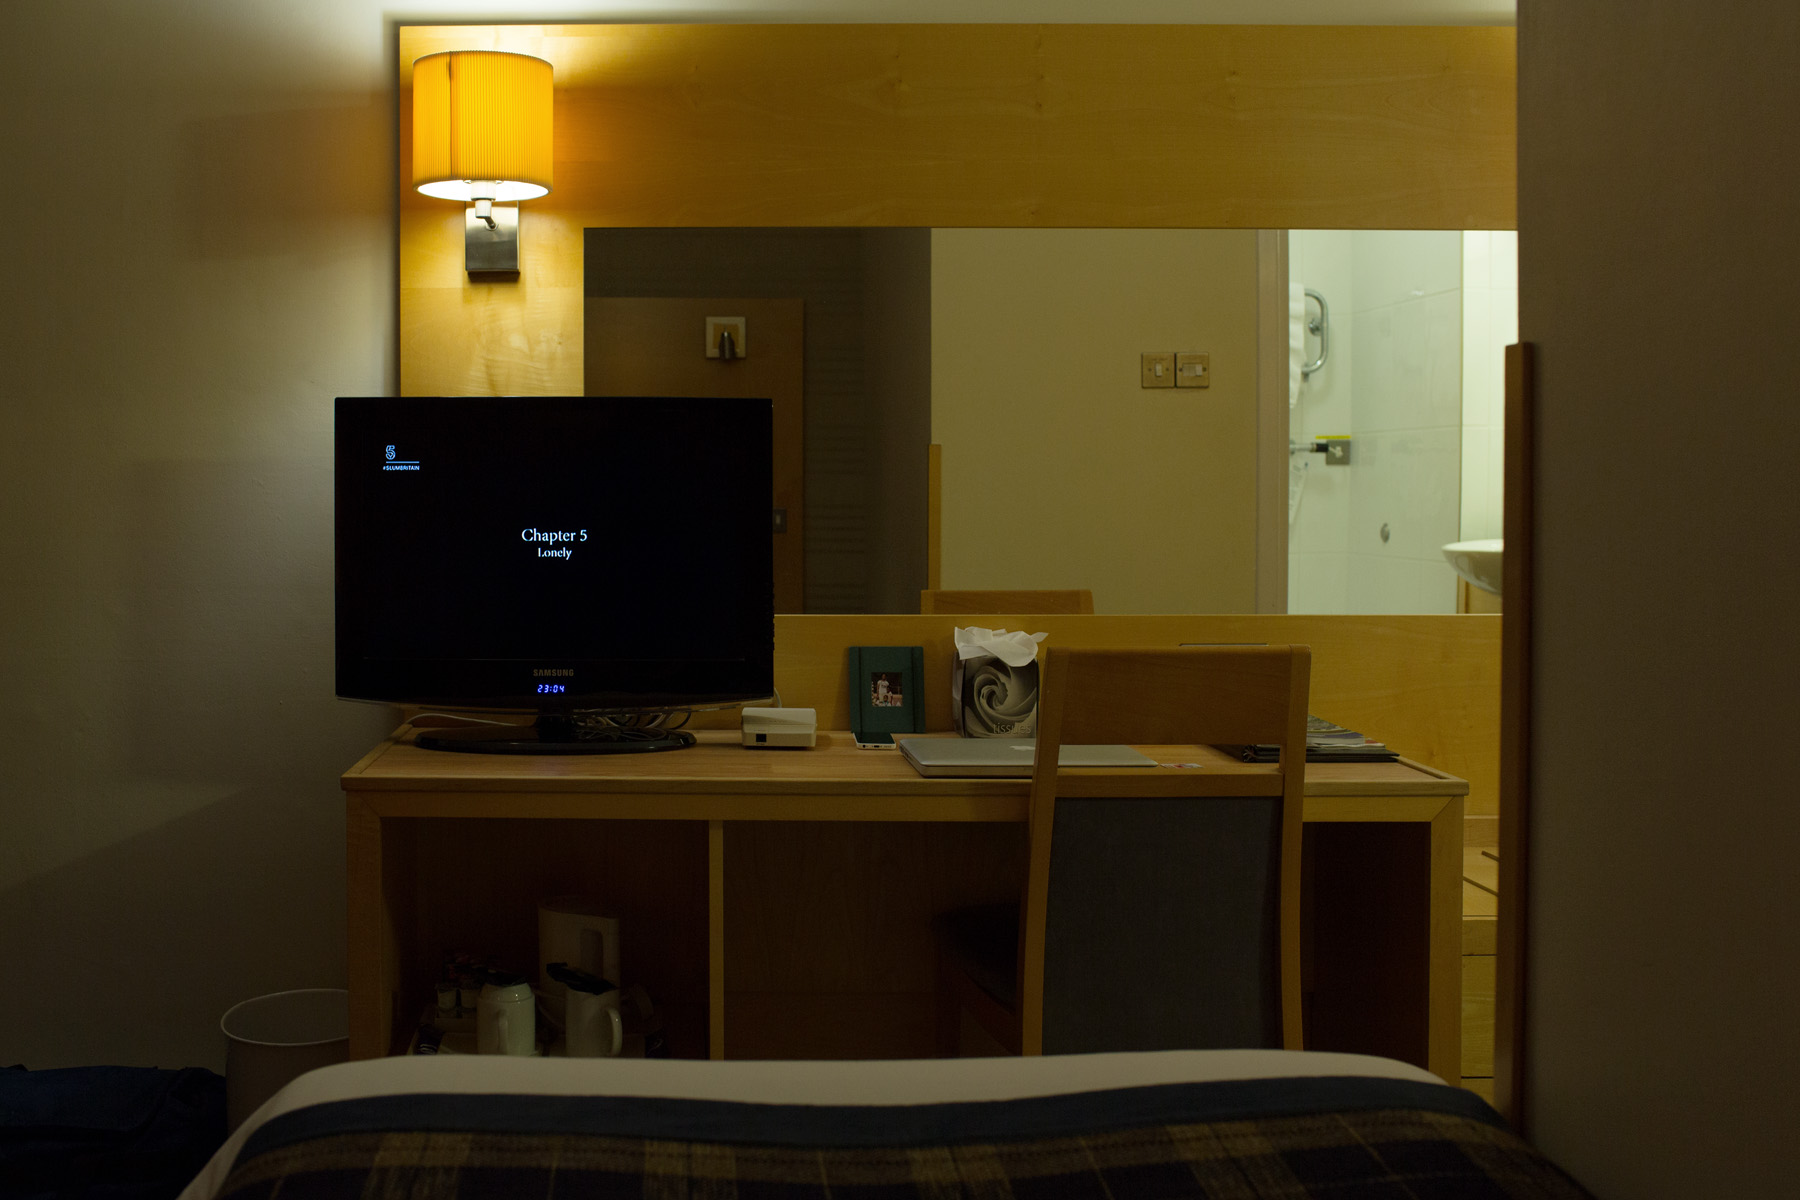 HotelRoom#04-(c)JoVoets.jpg